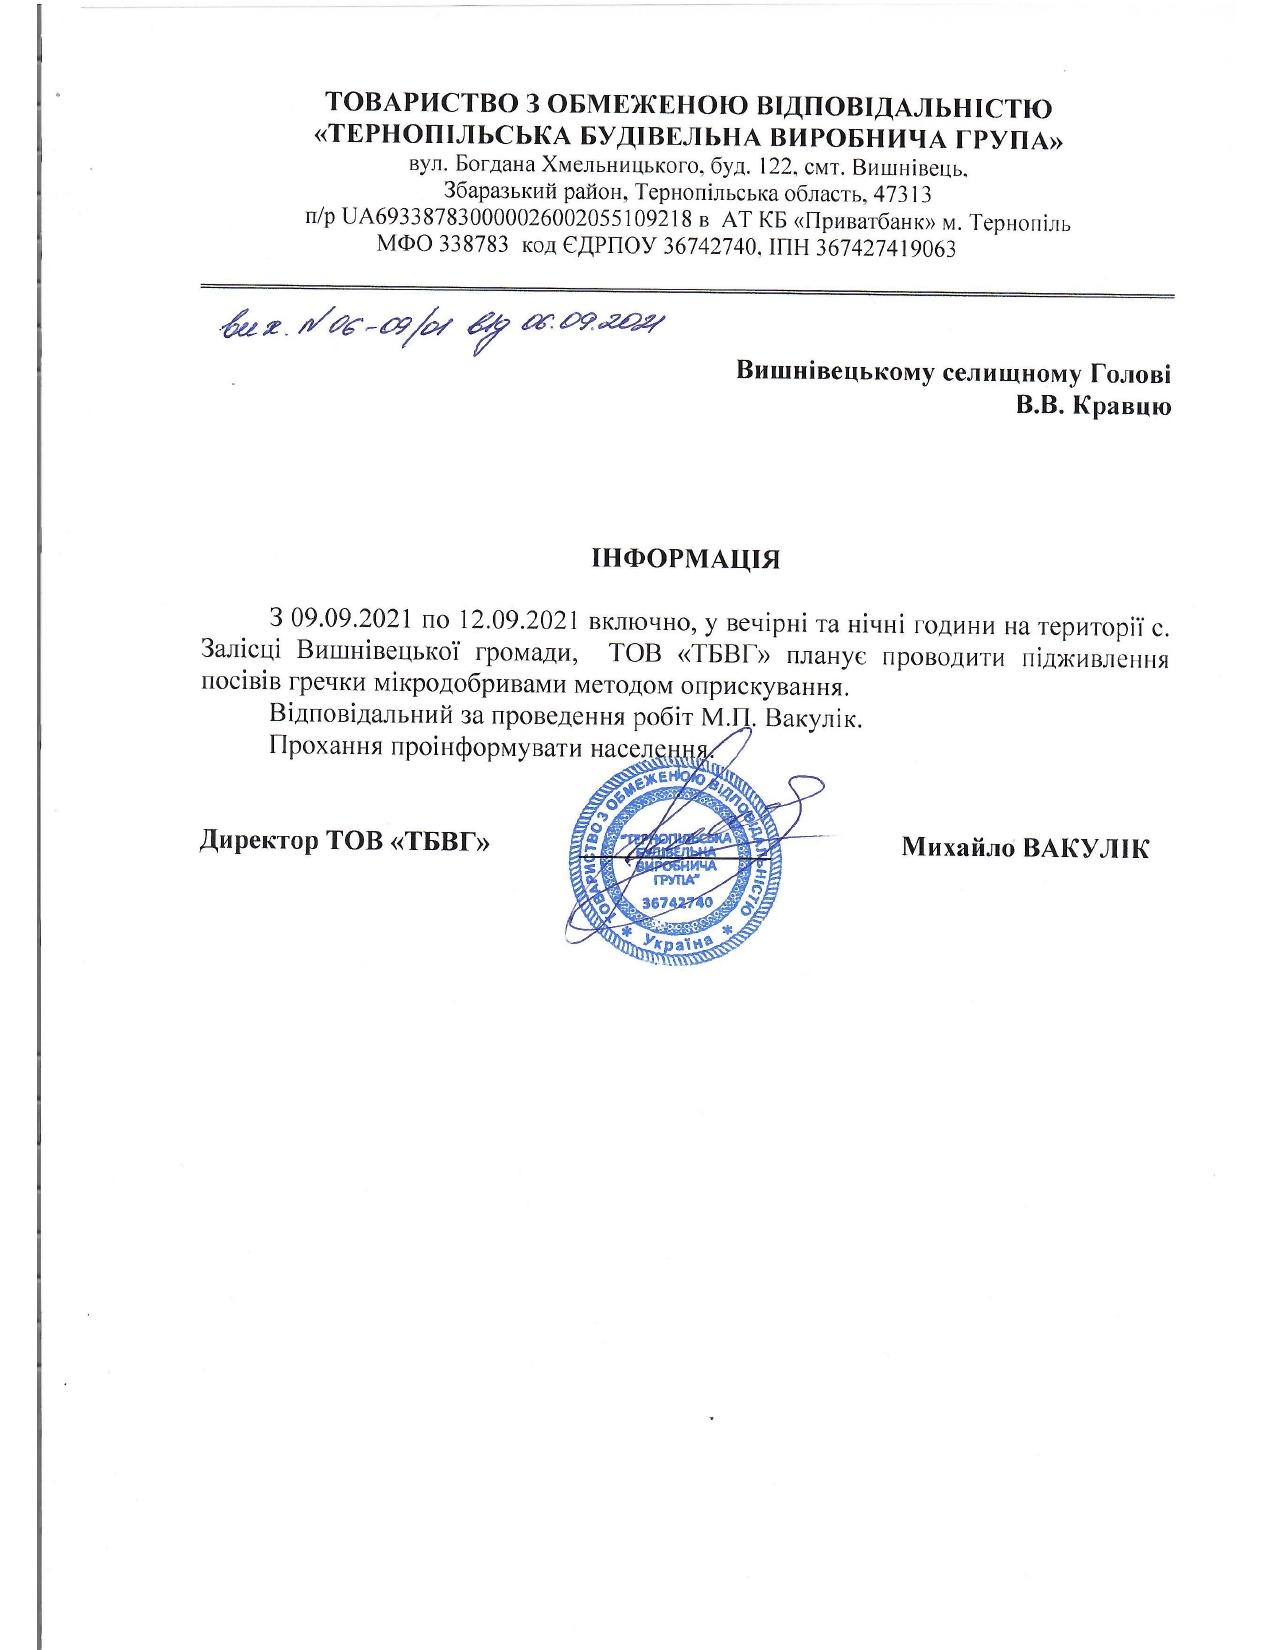 інформація про обробку землі_page-0001